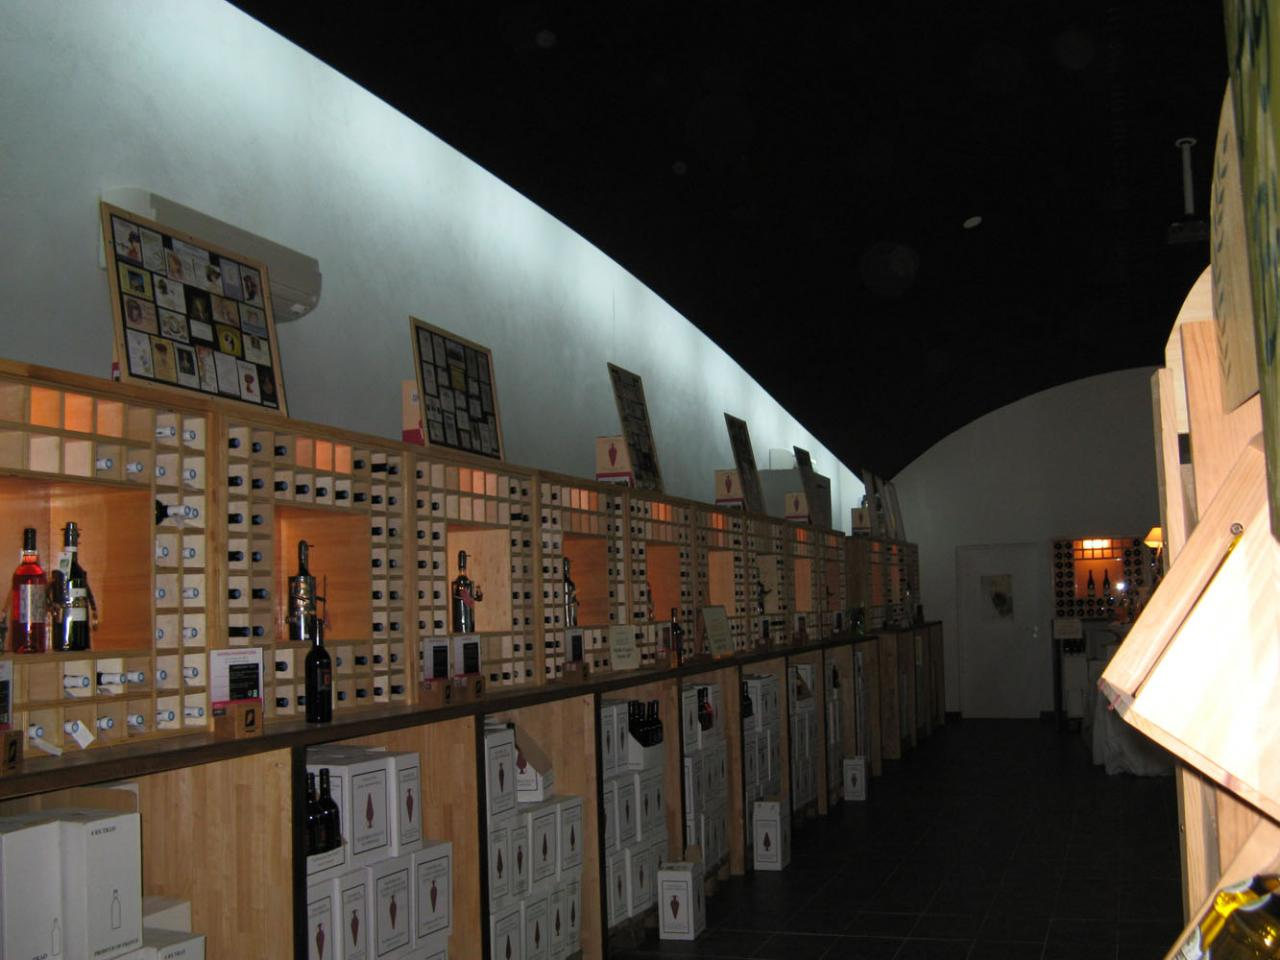 La grande salle : présentoirs à bouteilles